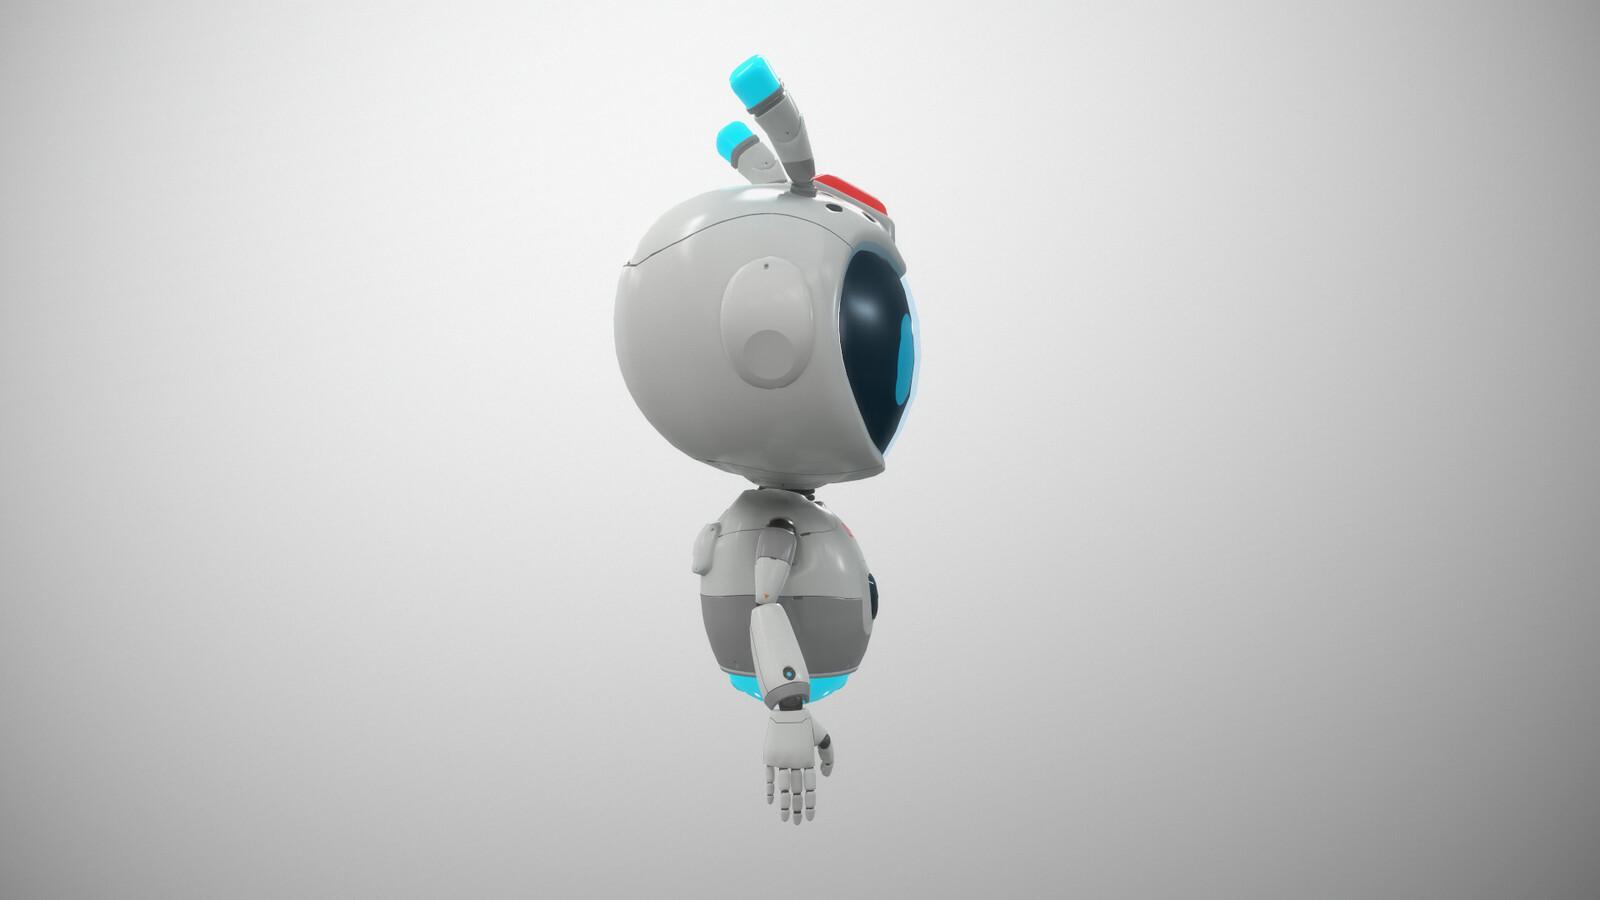 VR Stylized sci fi robot guide, Mia profile